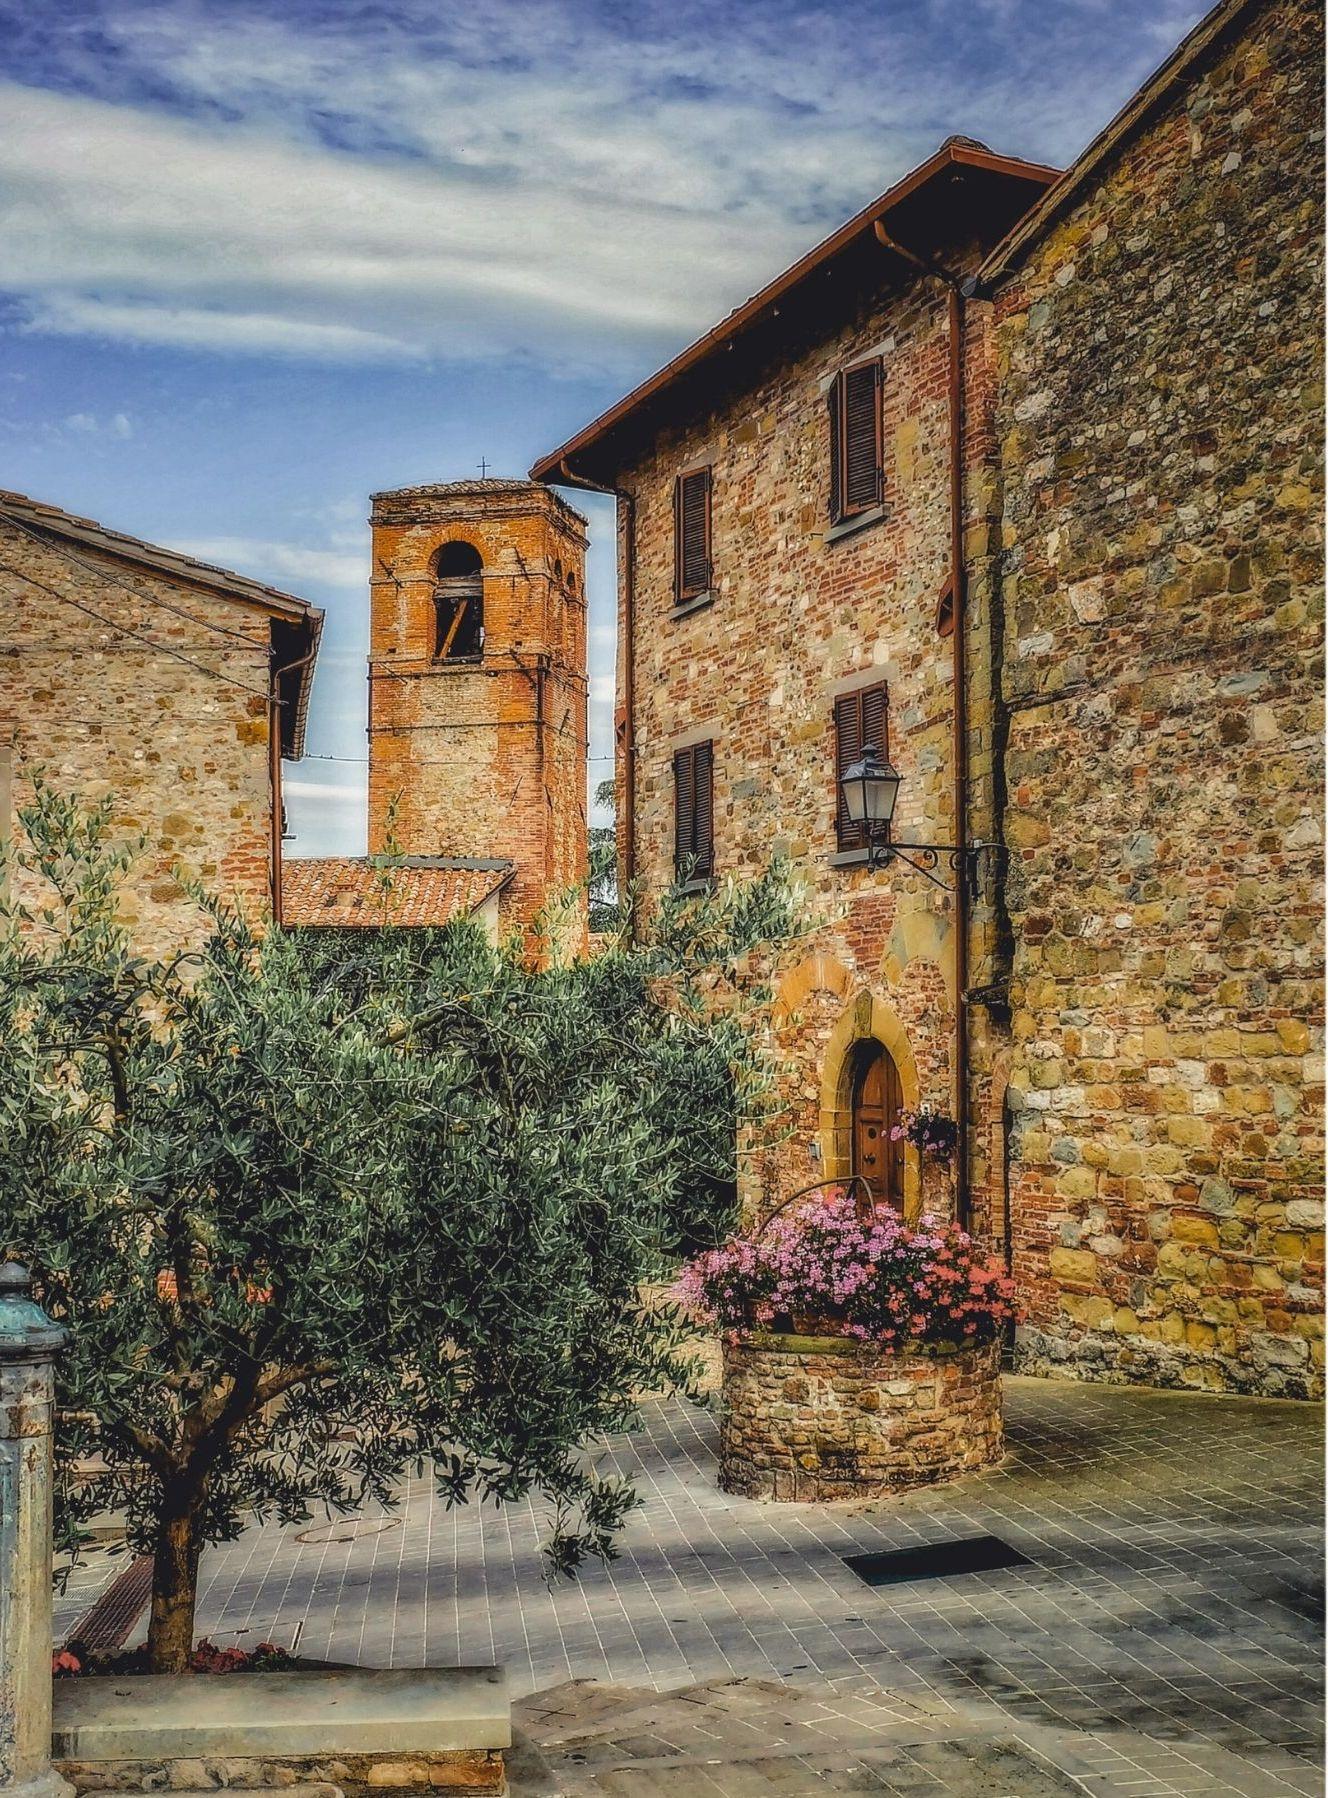 Alte Häuser in Italien und Olivenbaum